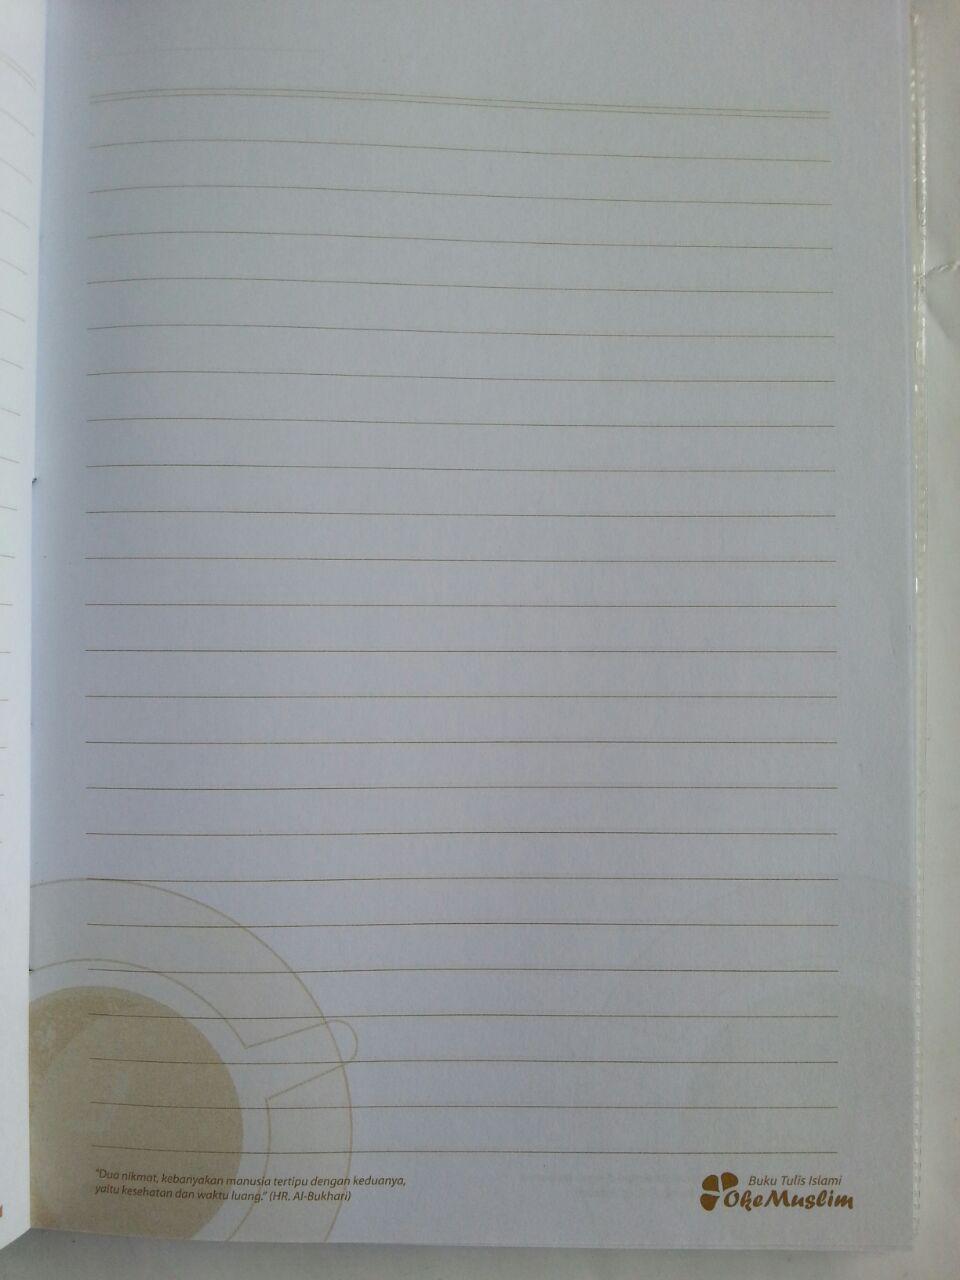 Buku Diary Muslim 2 Nikmat Yang Sering Dilalaikan Manusia isi 2